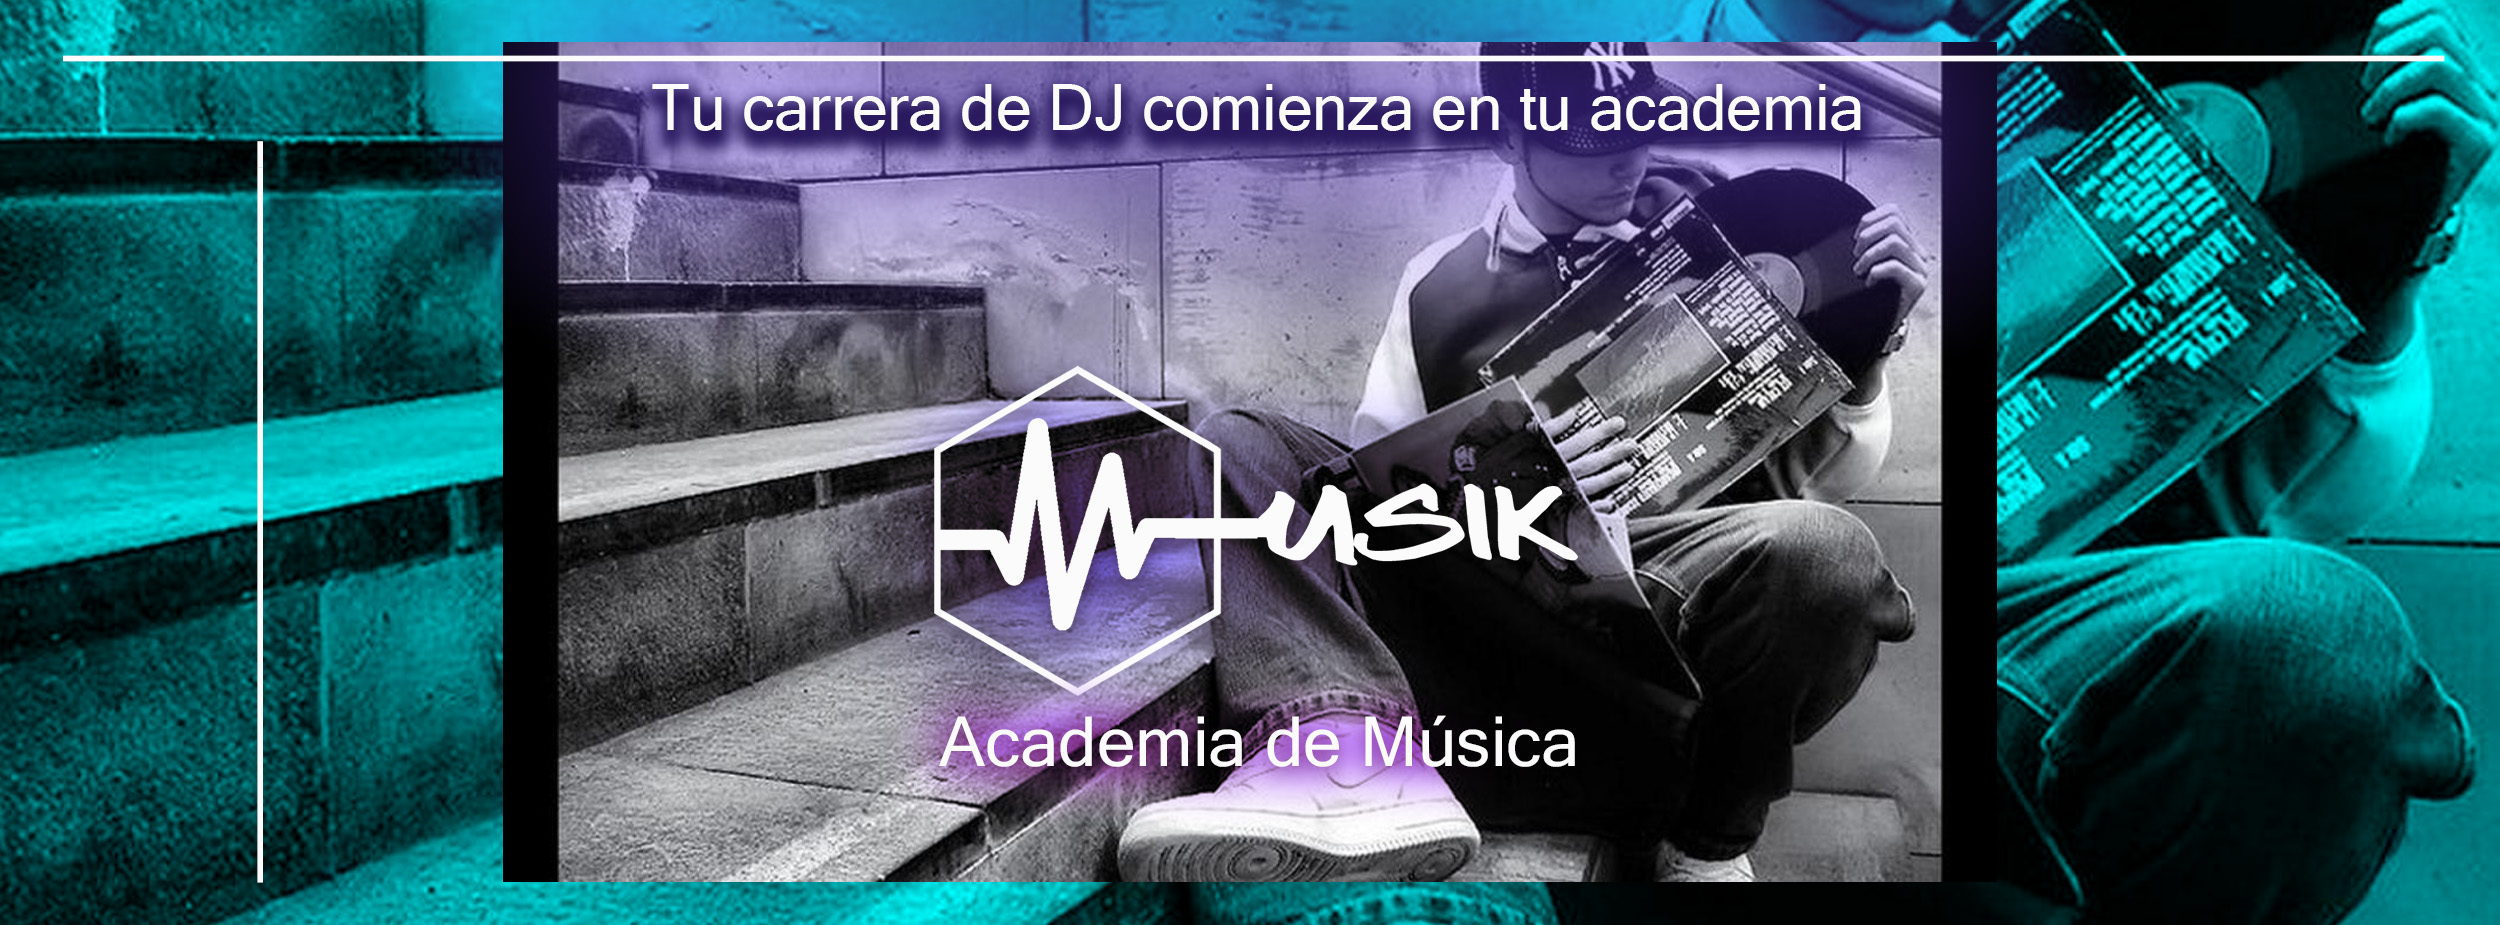 Musik 005 - Inst Musik 005